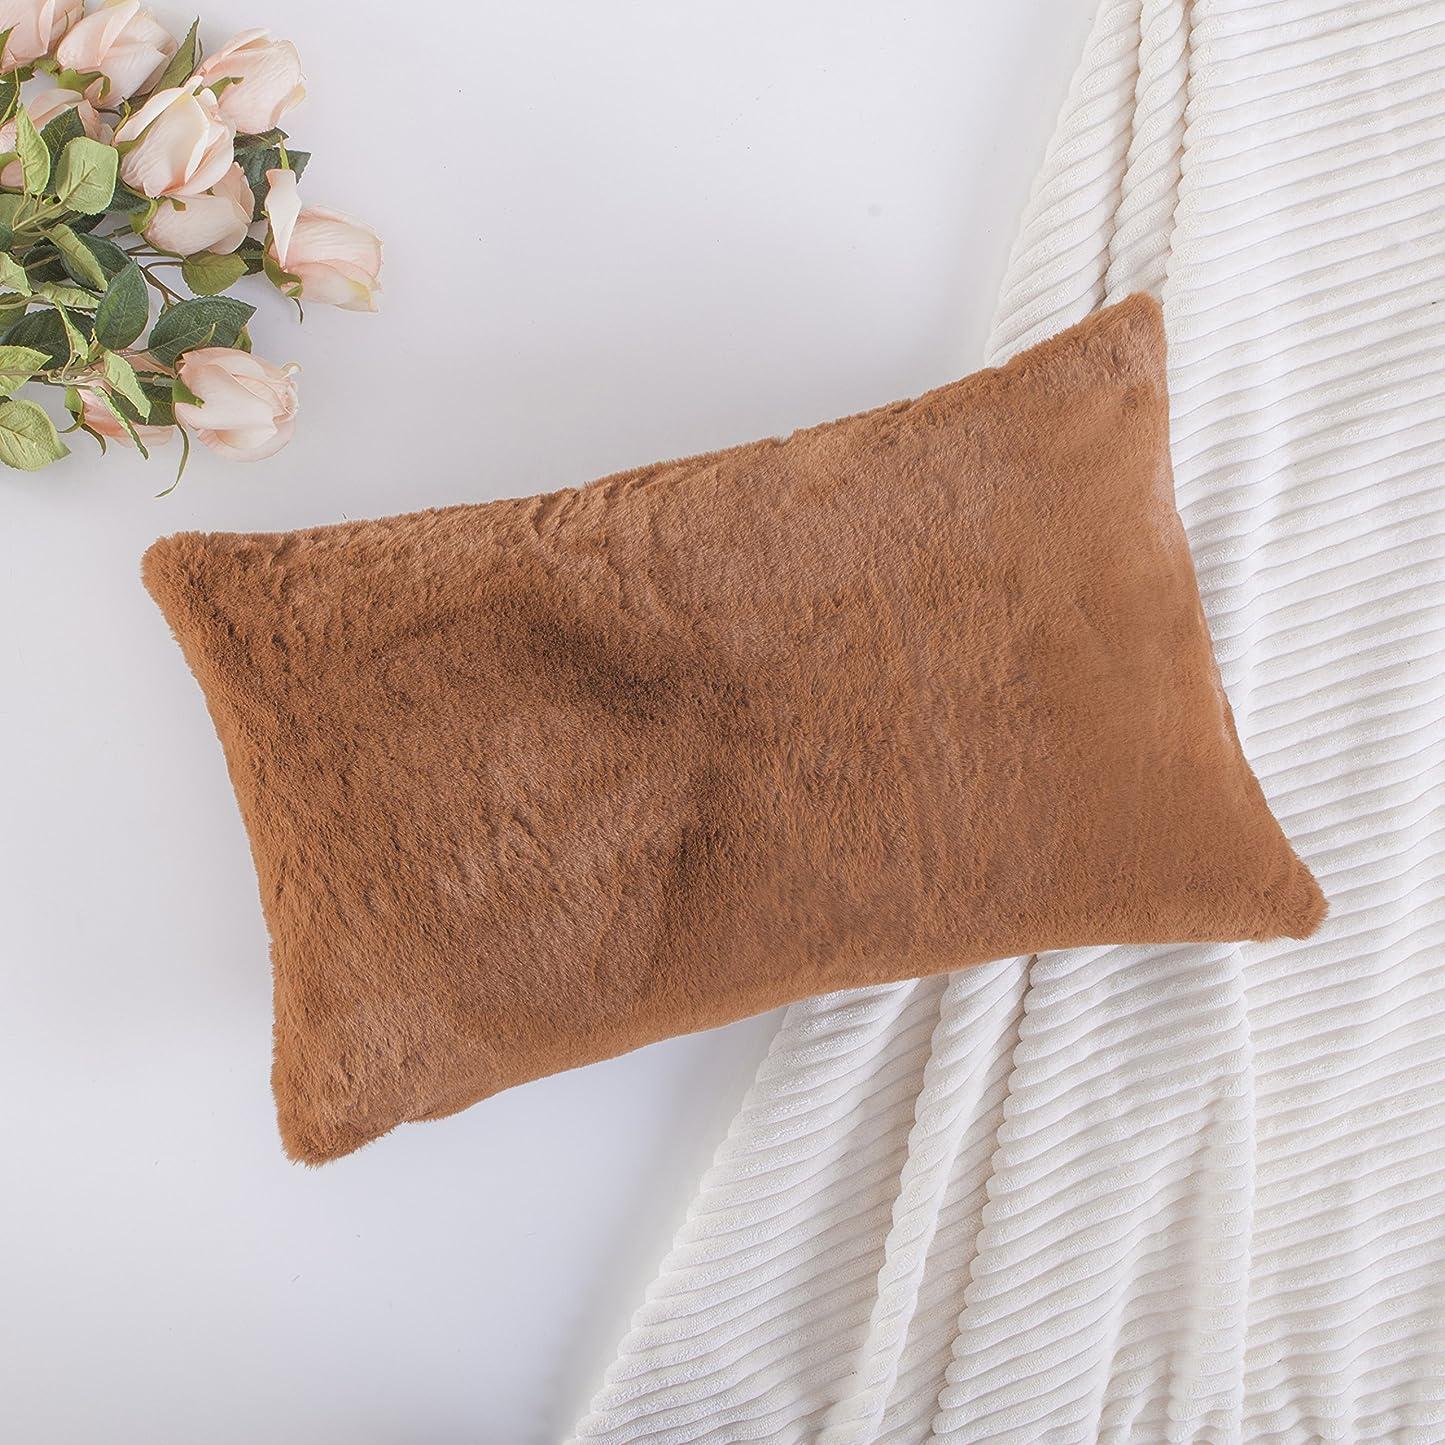 品スープぎこちないHome Brilliant クッション カバー ソファ背当て クッション おしゃれ 暖かい純色 短毛 ふかふか シンプル 雑貨 部屋 ブラウン 30×50cm セット2